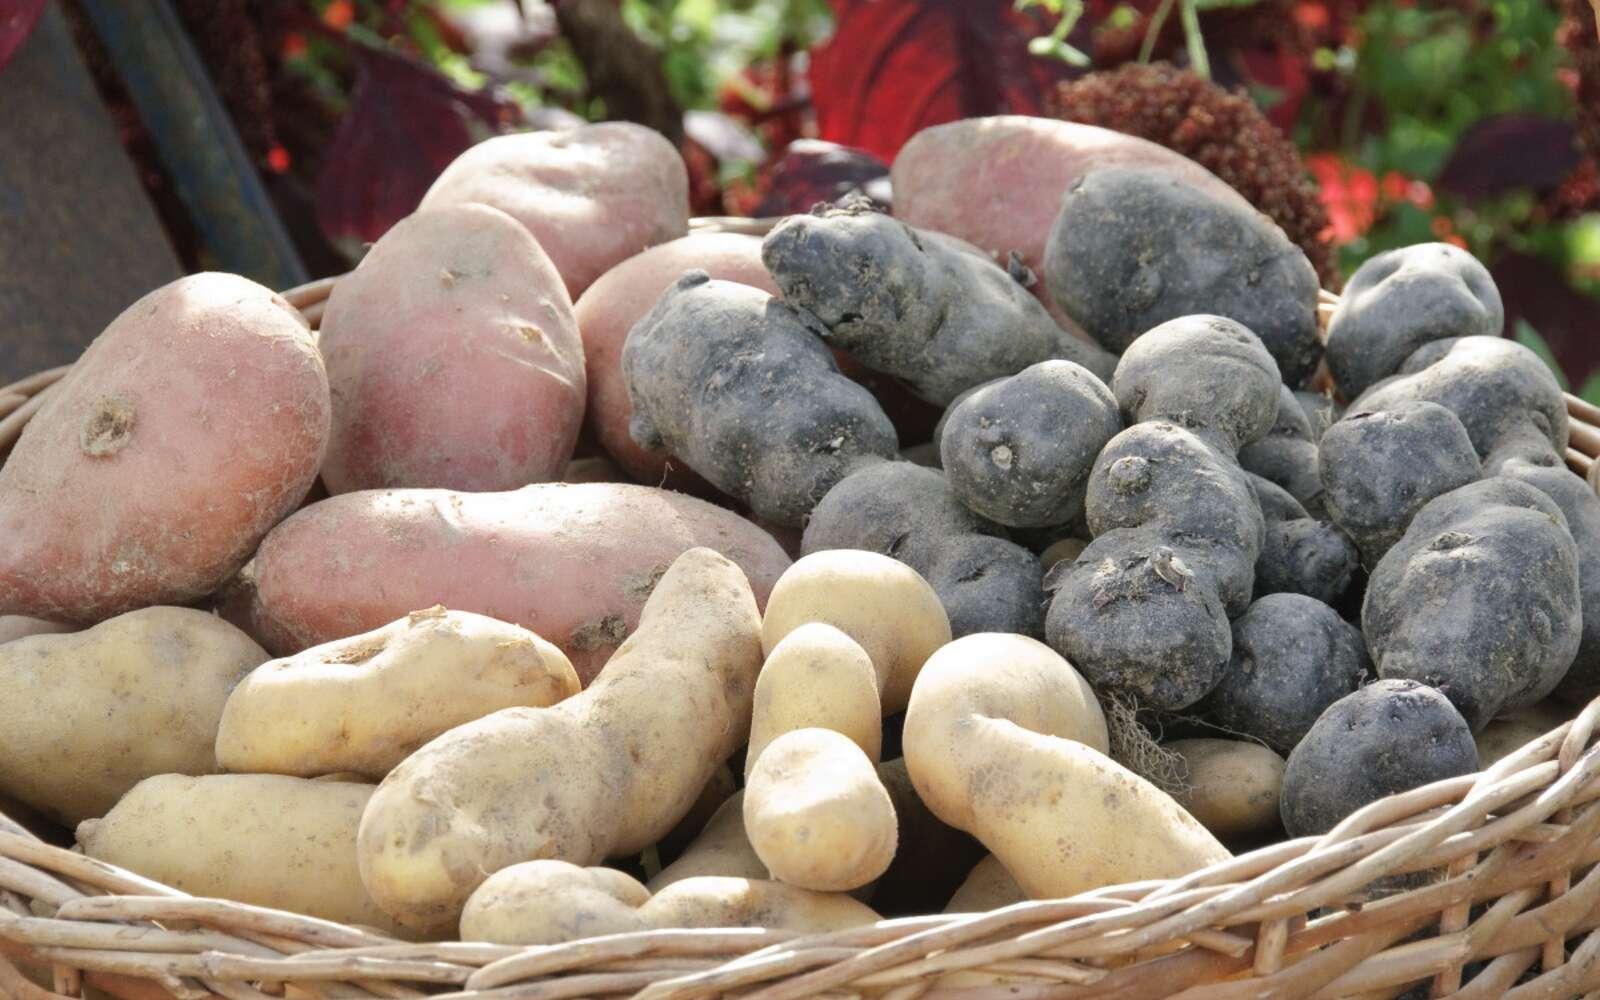 Pommes de terre 'Désirée', 'Vitelotte' et 'Ratte'. © F. Marre, Rustica